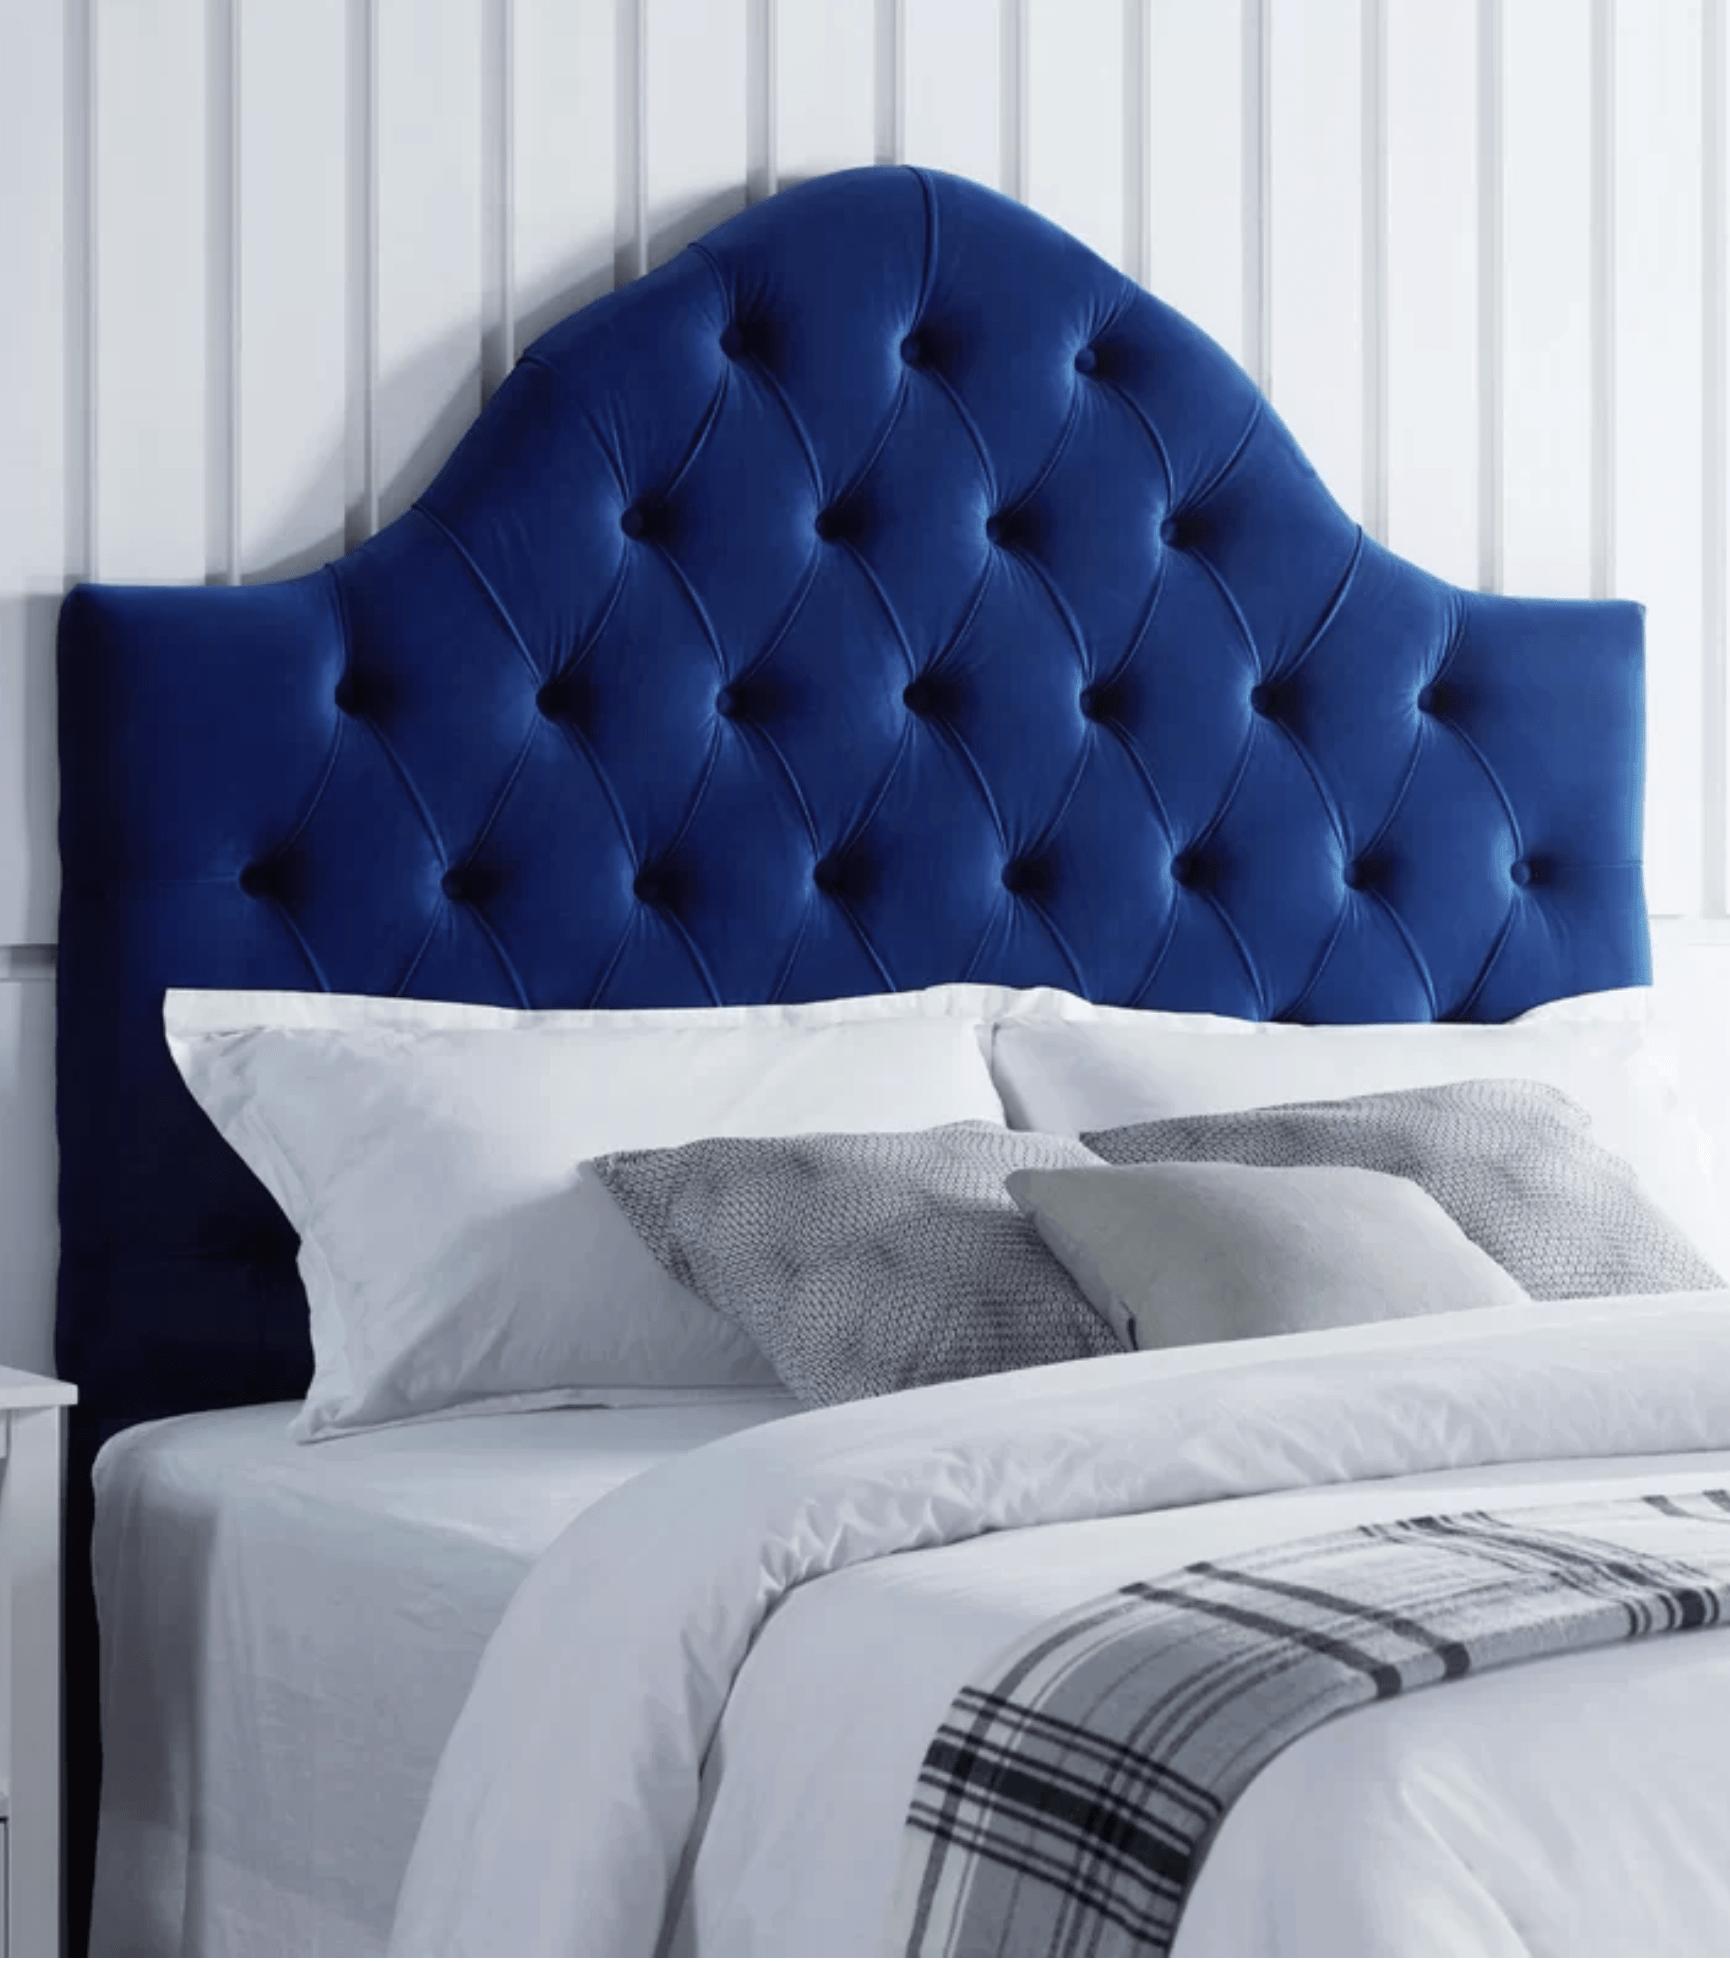 velvet blue headboard